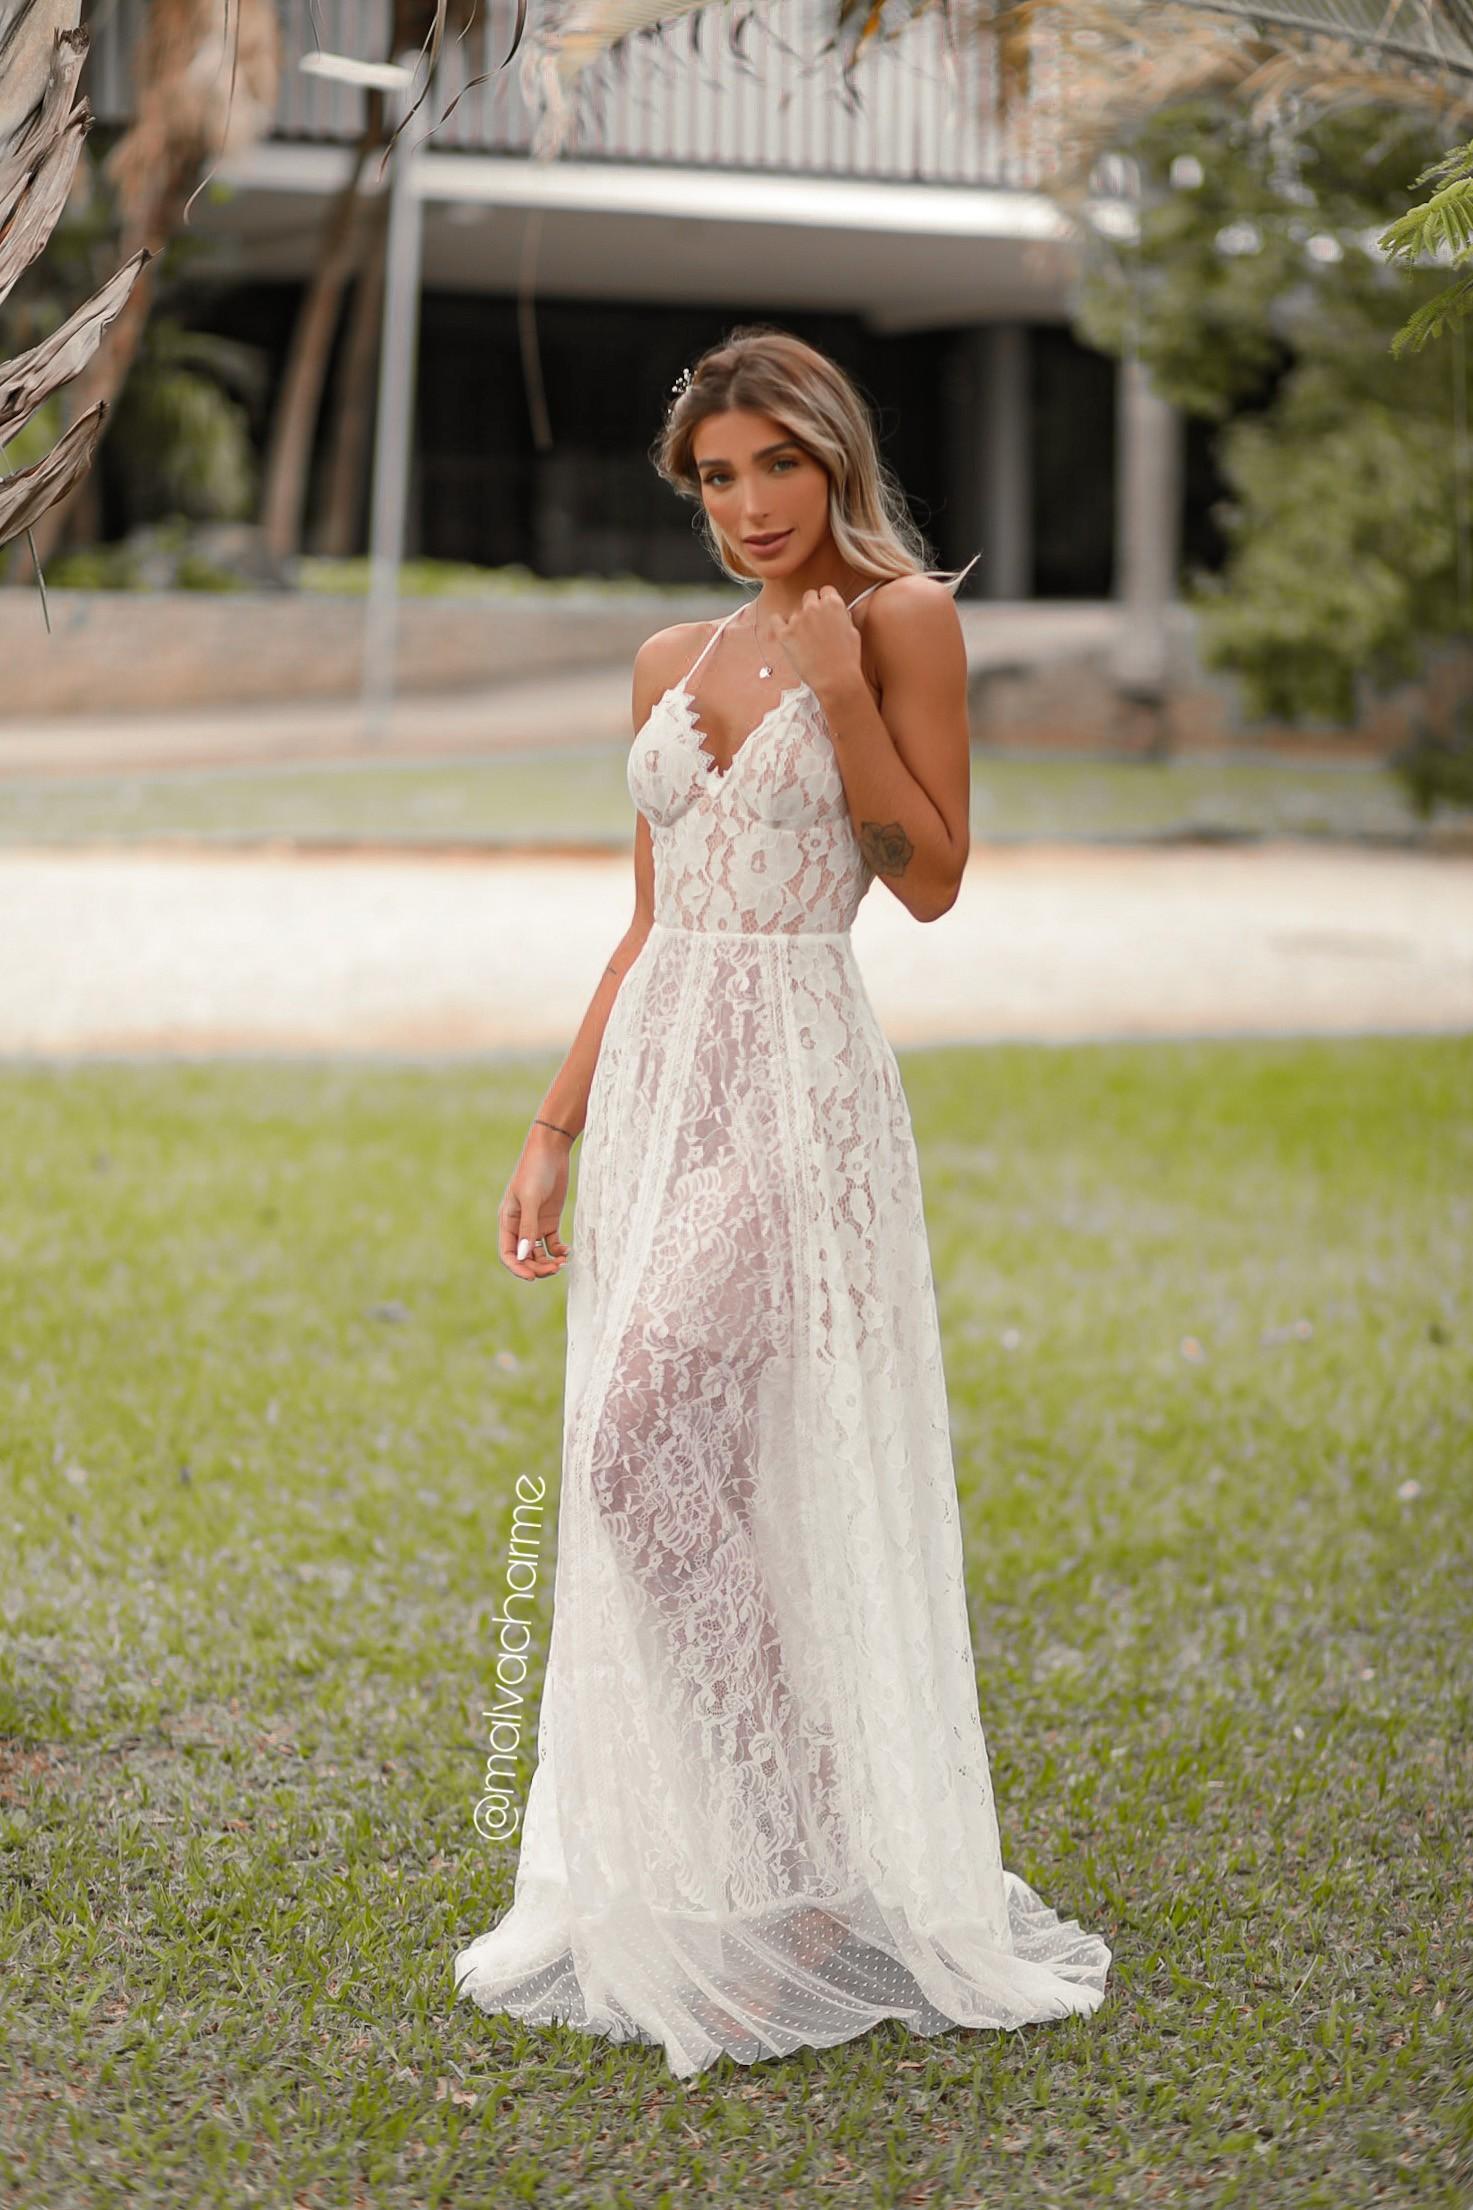 VESTIDO DIAMANTE PARA CASAMENTO NA PRAIA, NO CAMPO, PRÉ WEDDING, MINI WEDDING